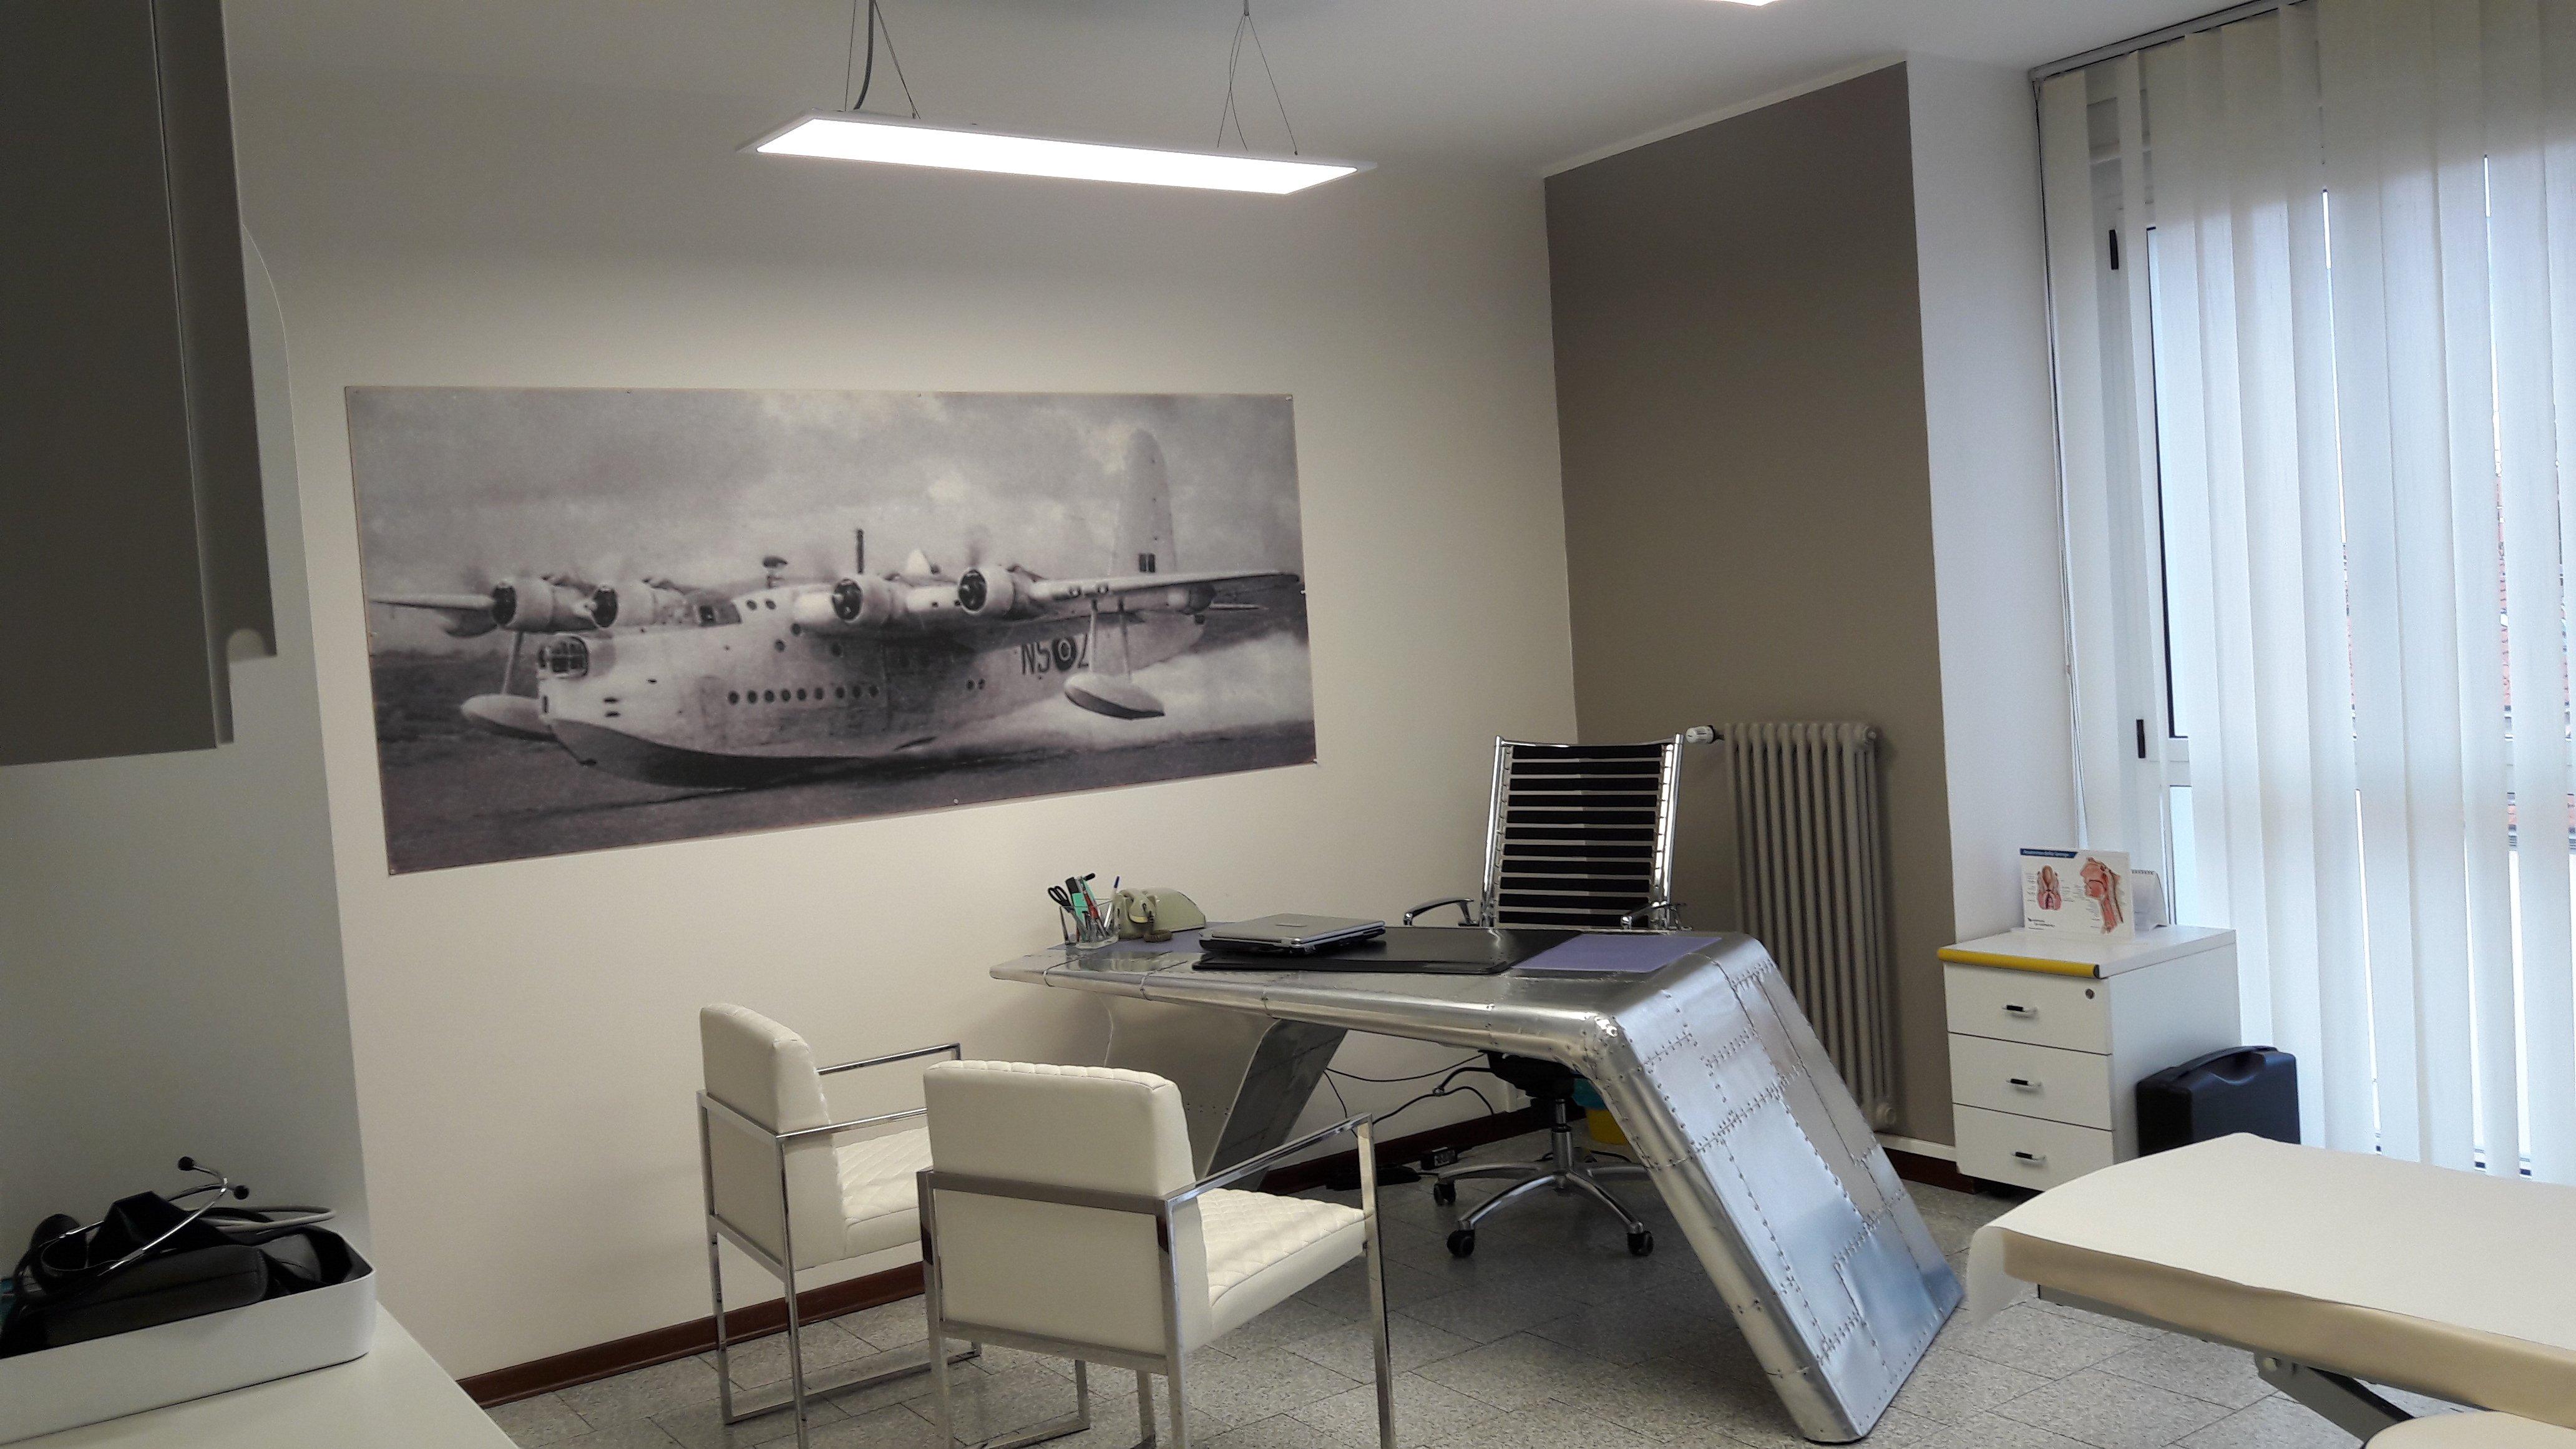 scrivania di un ufficio con due sedie per ospiti